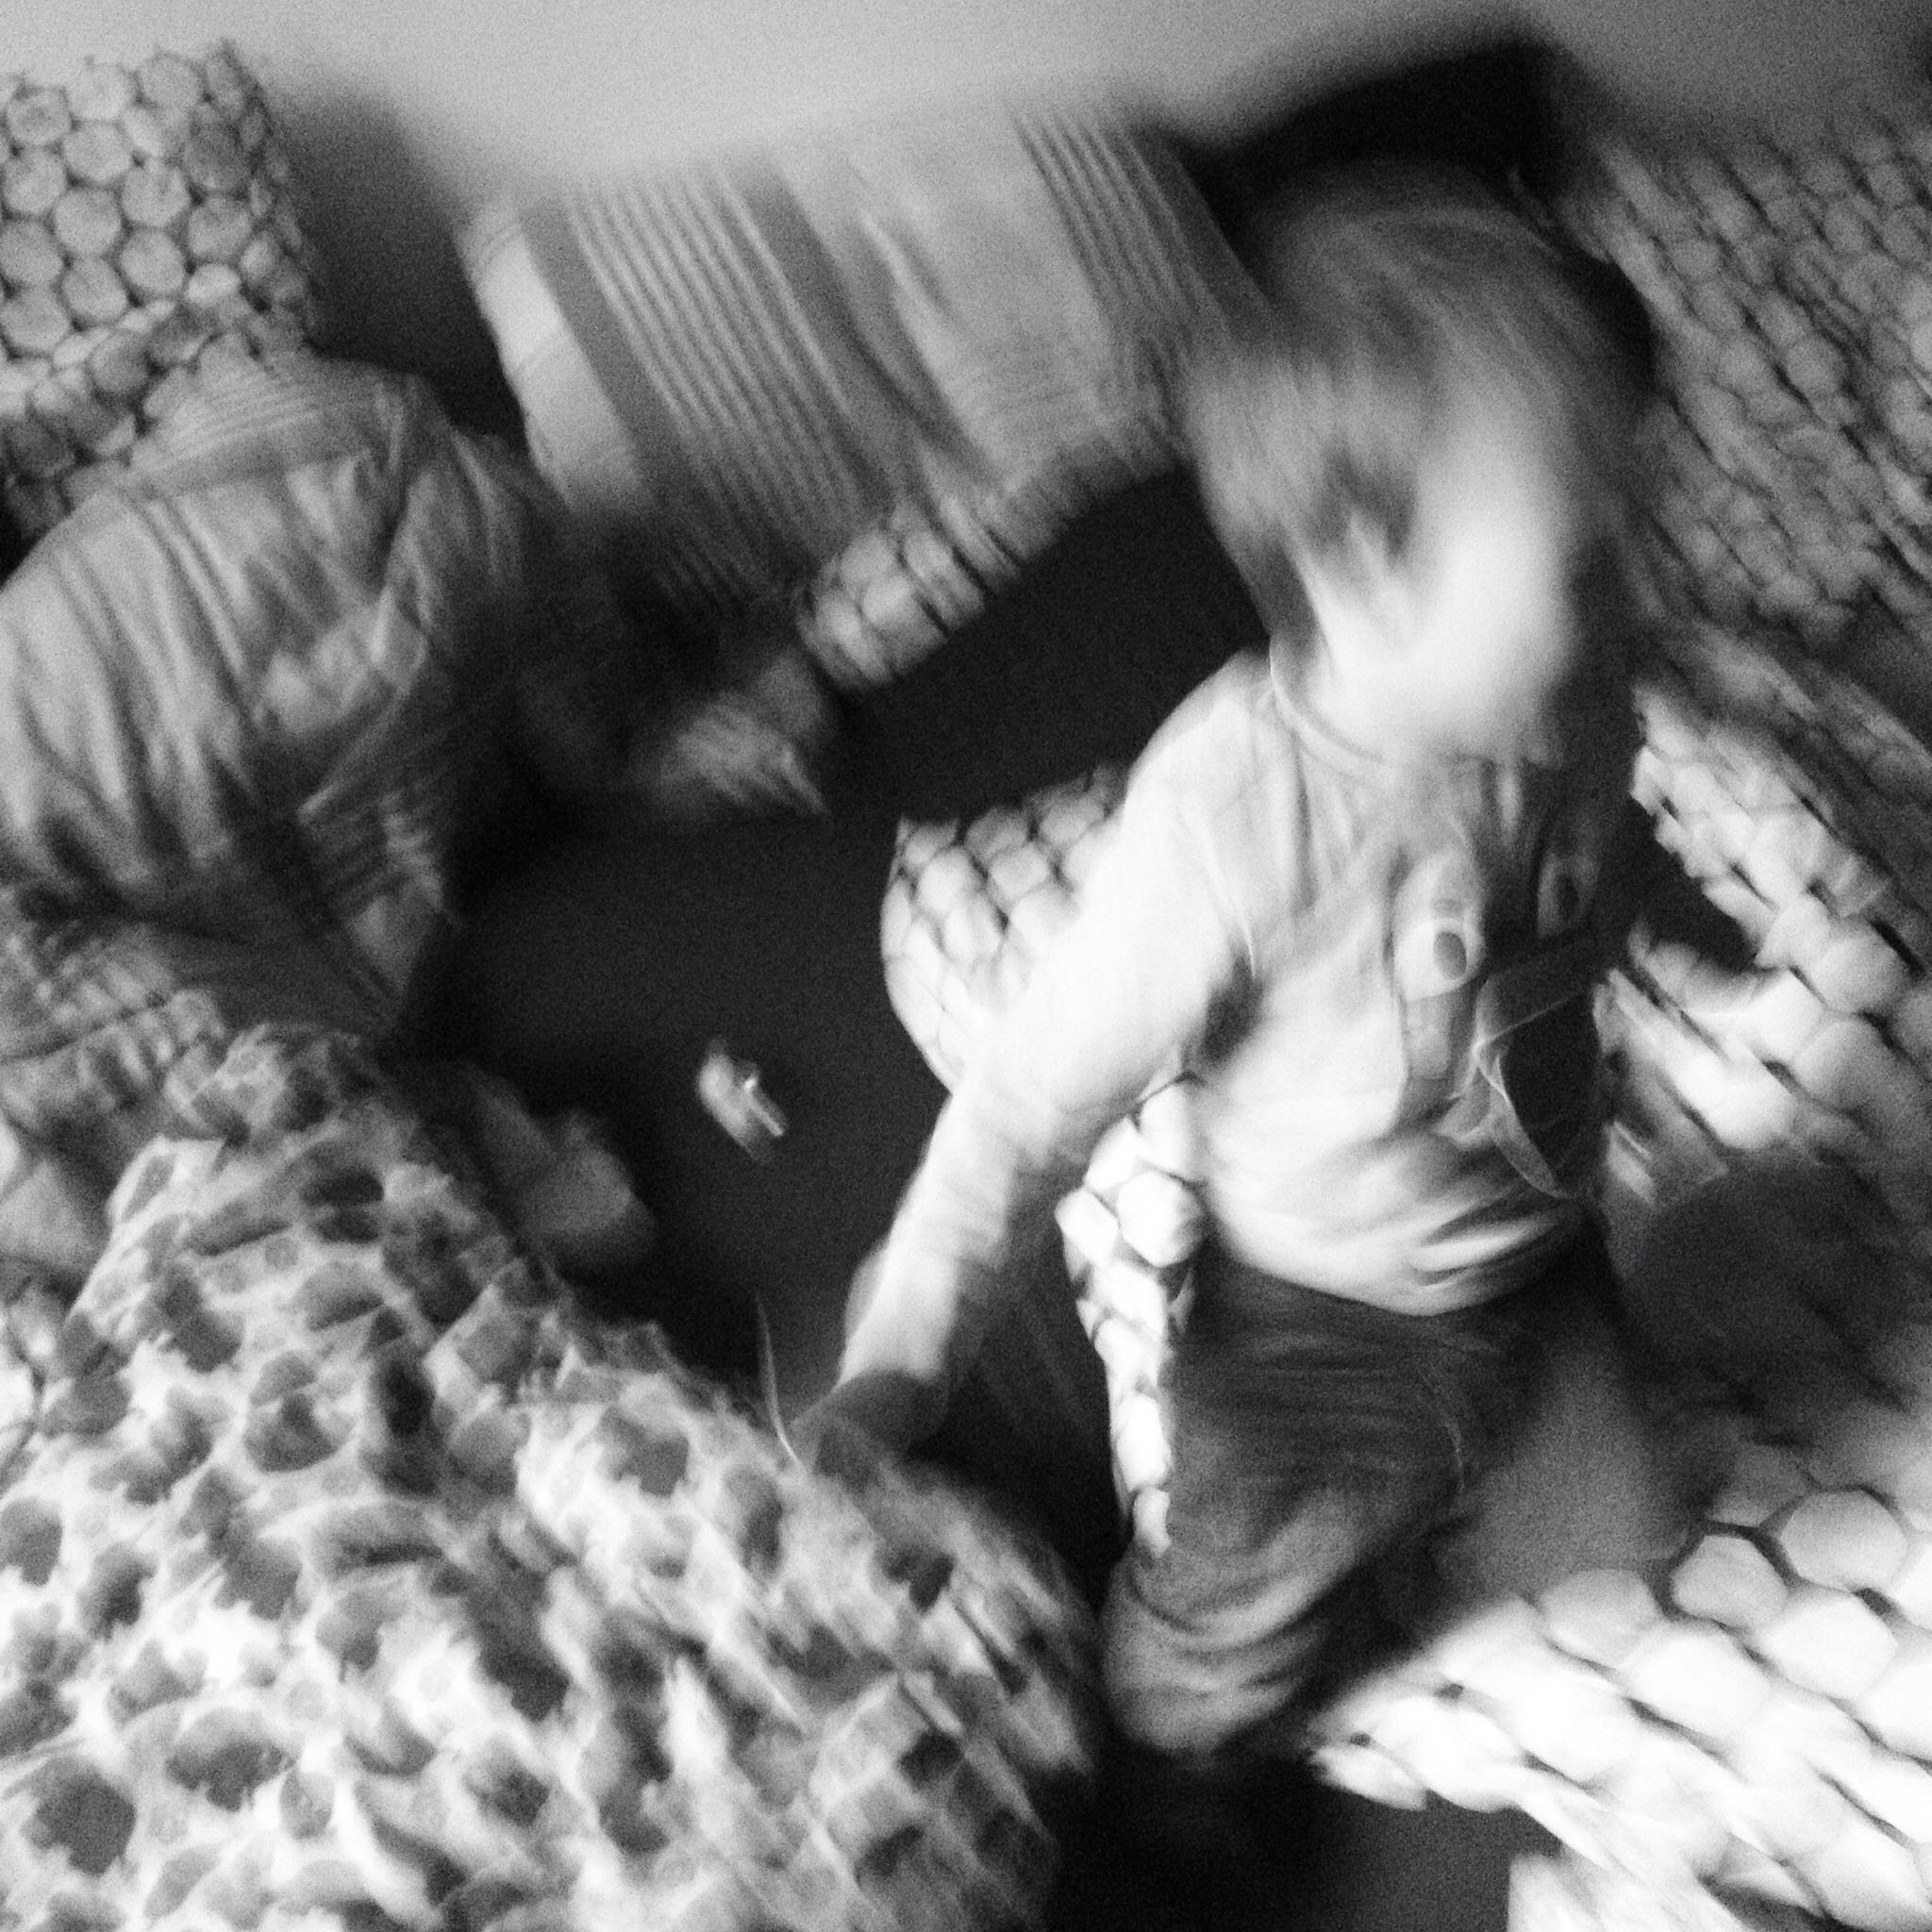 Auf Besuch mit unerzogenen Kindern - wie soll das gehen?